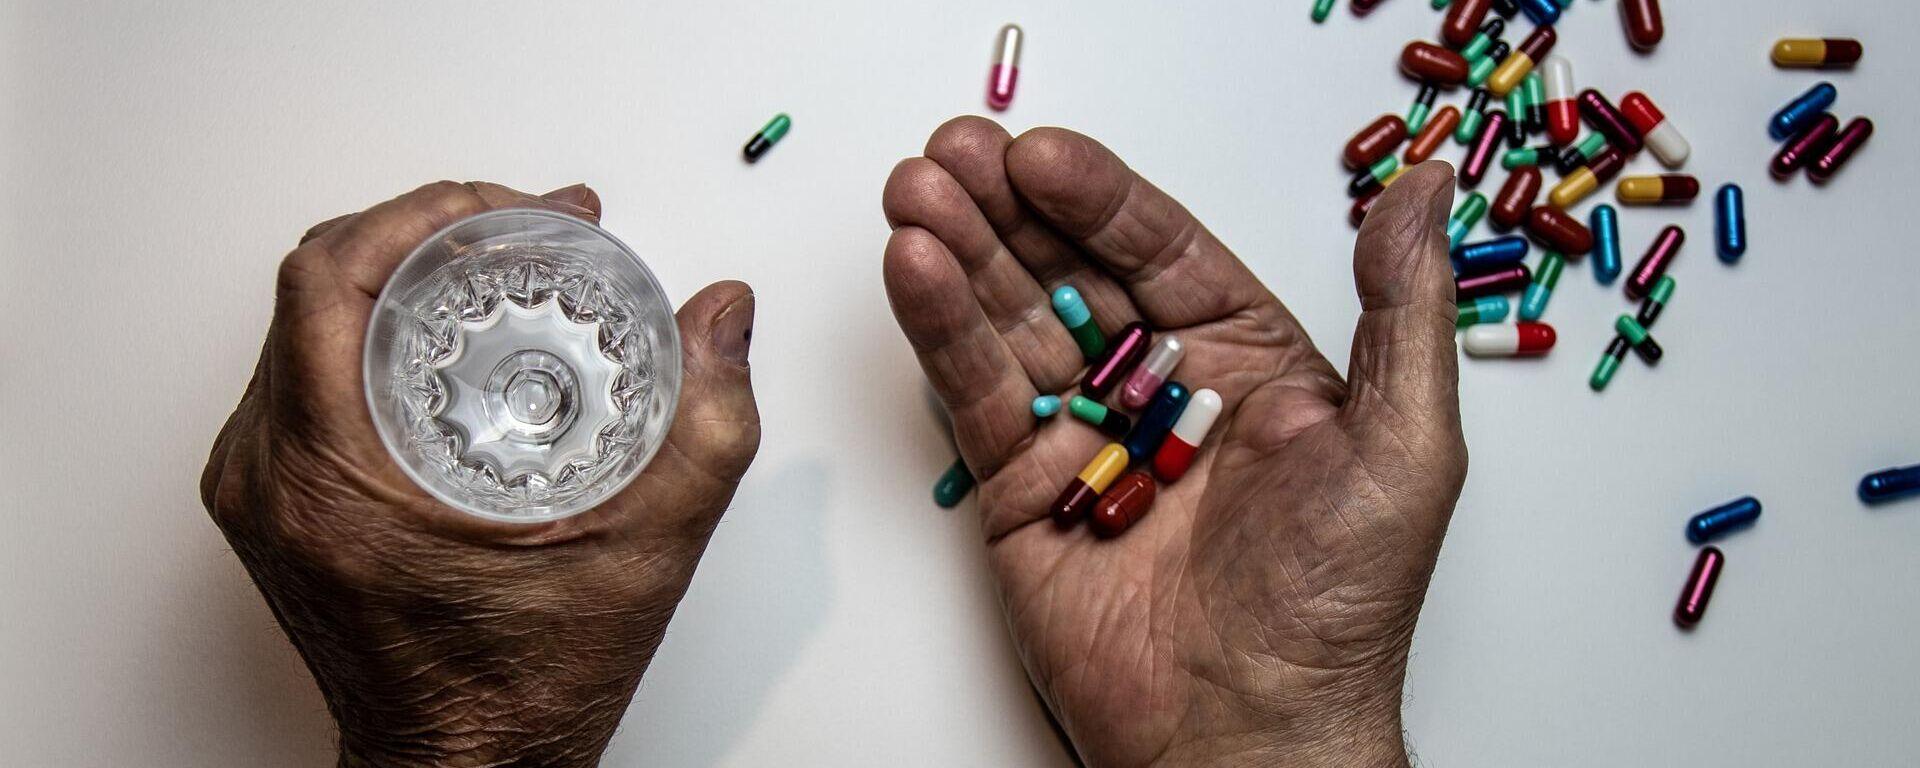 Una persona a punto de tomar píldoras - Sputnik Mundo, 1920, 12.05.2021